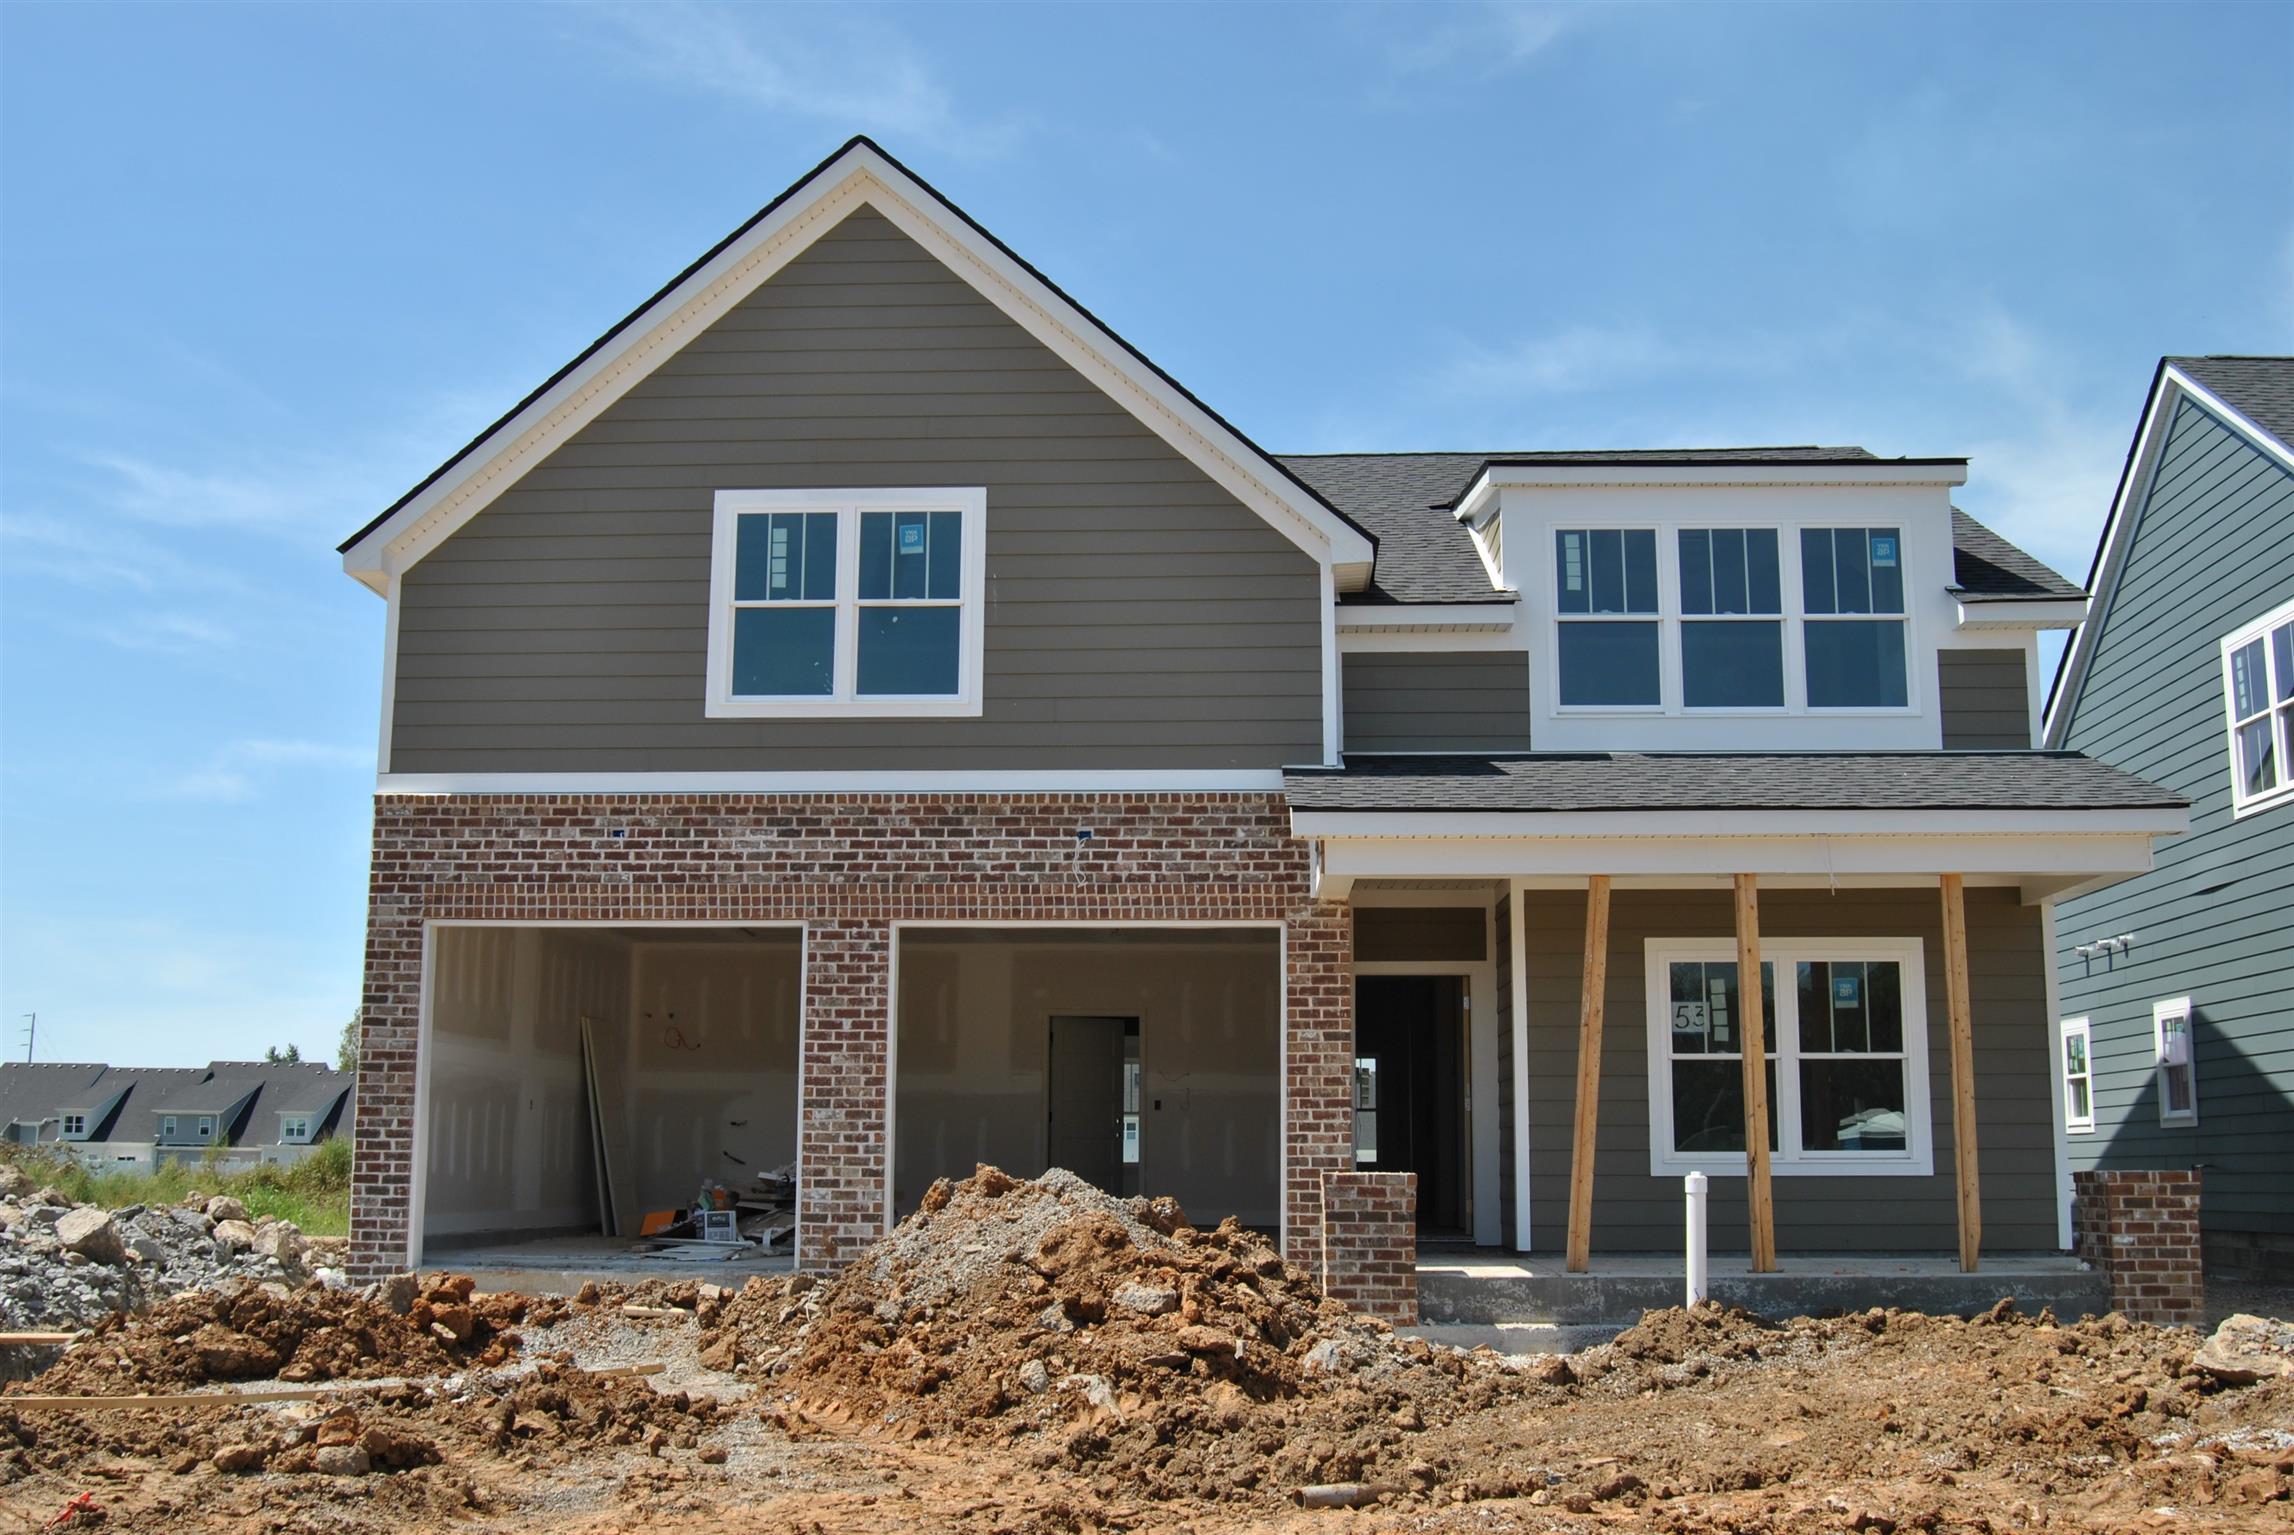 0 Caroline Farms Drive 53, Murfreesboro, TN 37129 - Murfreesboro, TN real estate listing